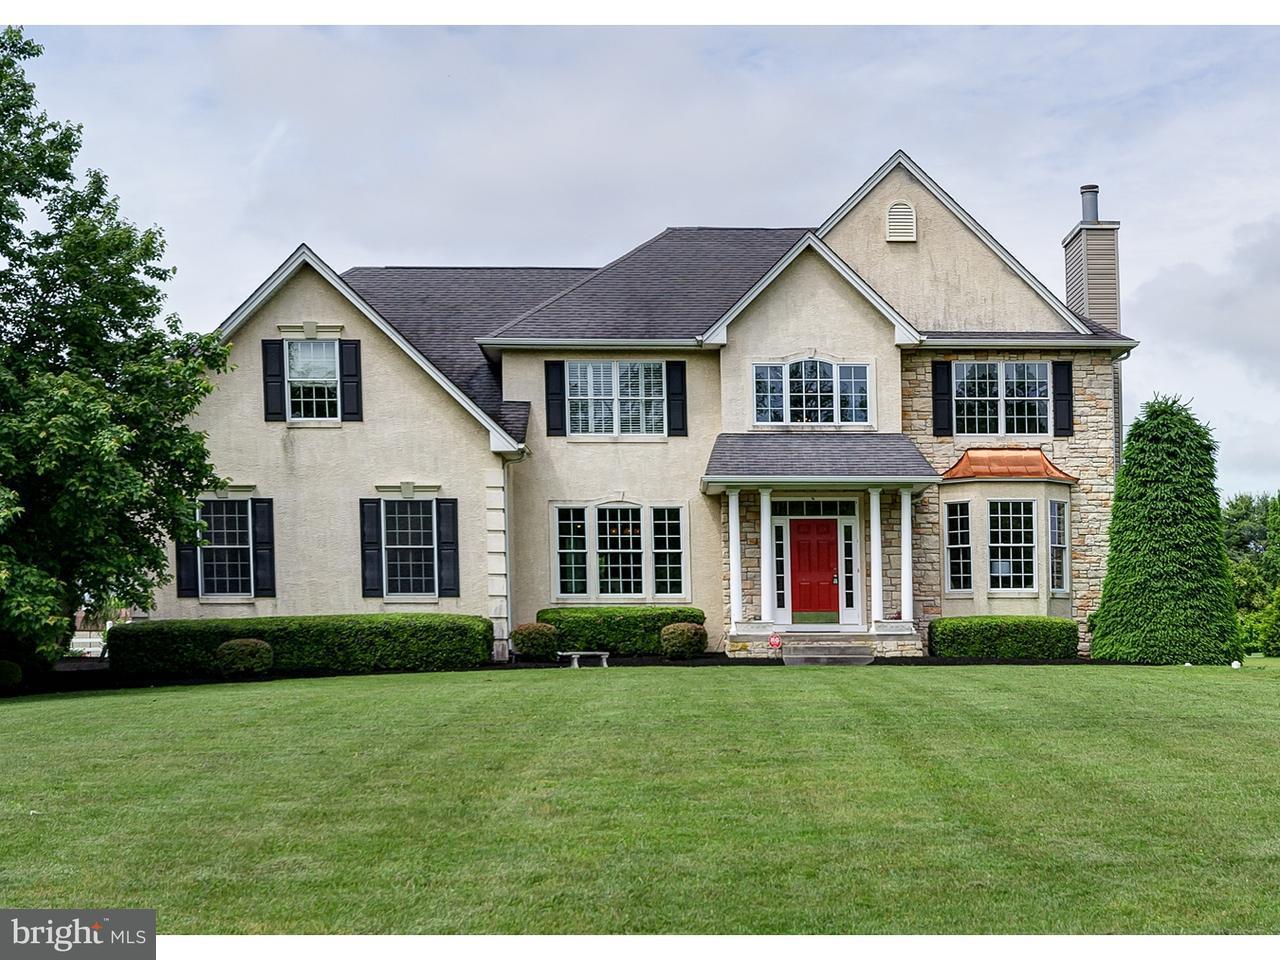 Частный односемейный дом для того Продажа на 345 RED LION Road Vincentown, Нью-Джерси 08088 Соединенные Штаты